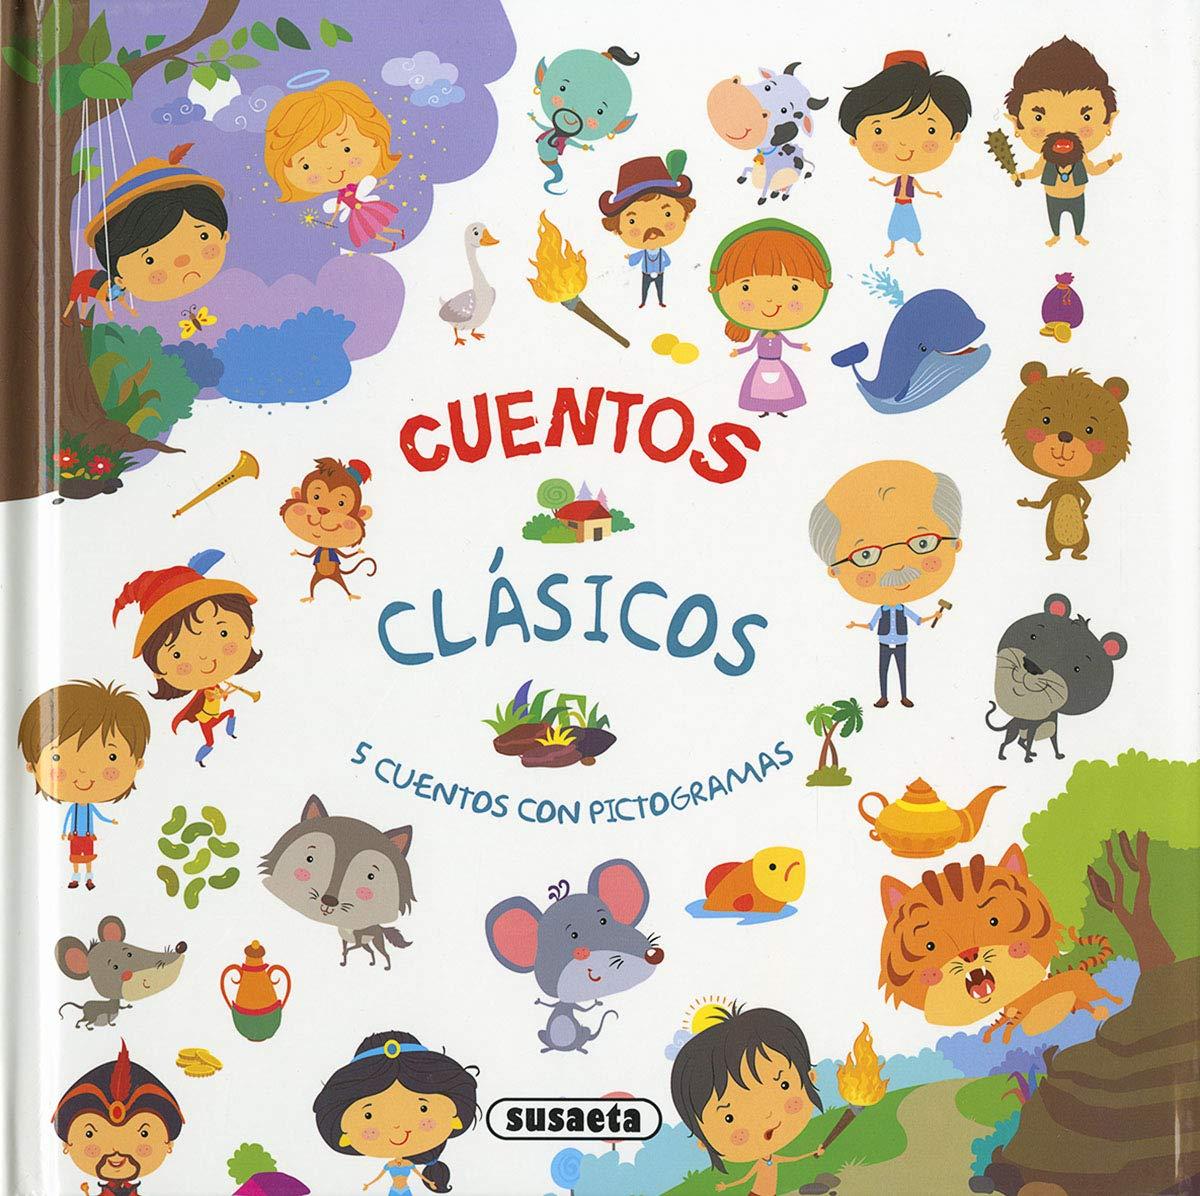 Cuentos clásicos (Cuentos clásicos con pictogramas) por Equipo Susaeta